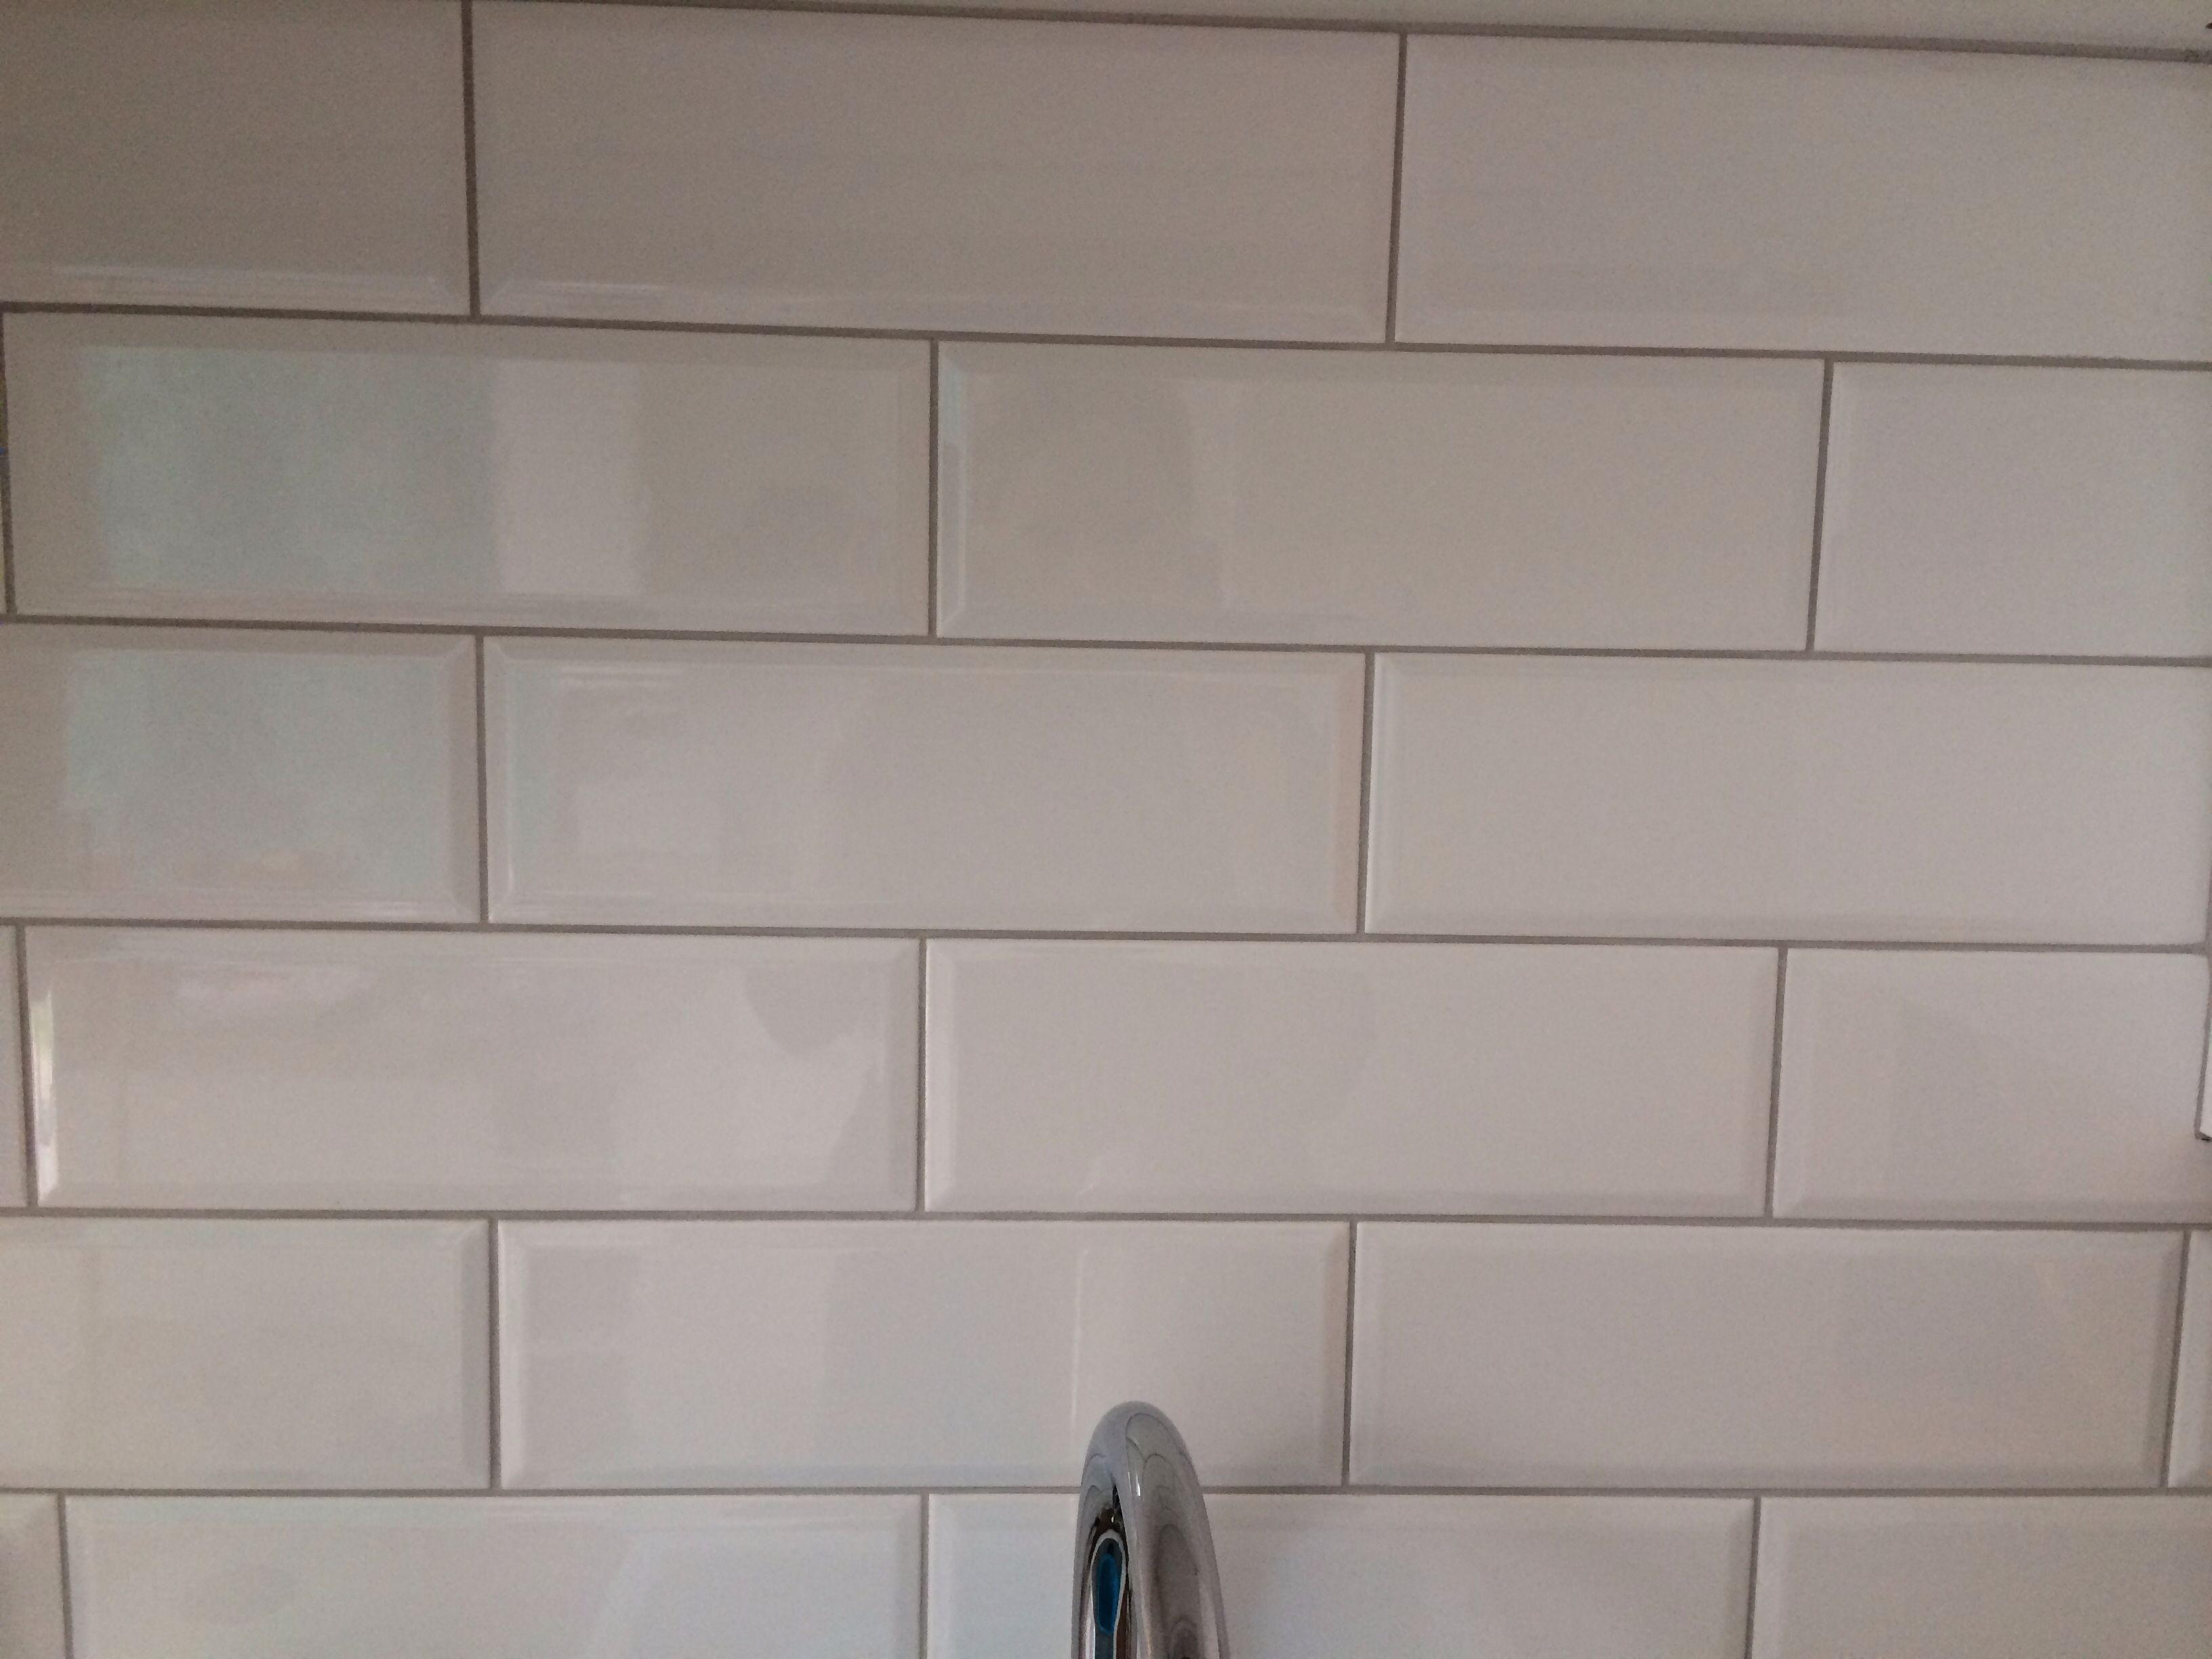 White Gloss Metro Tiles Topps Tiles With Gunmetal Grout